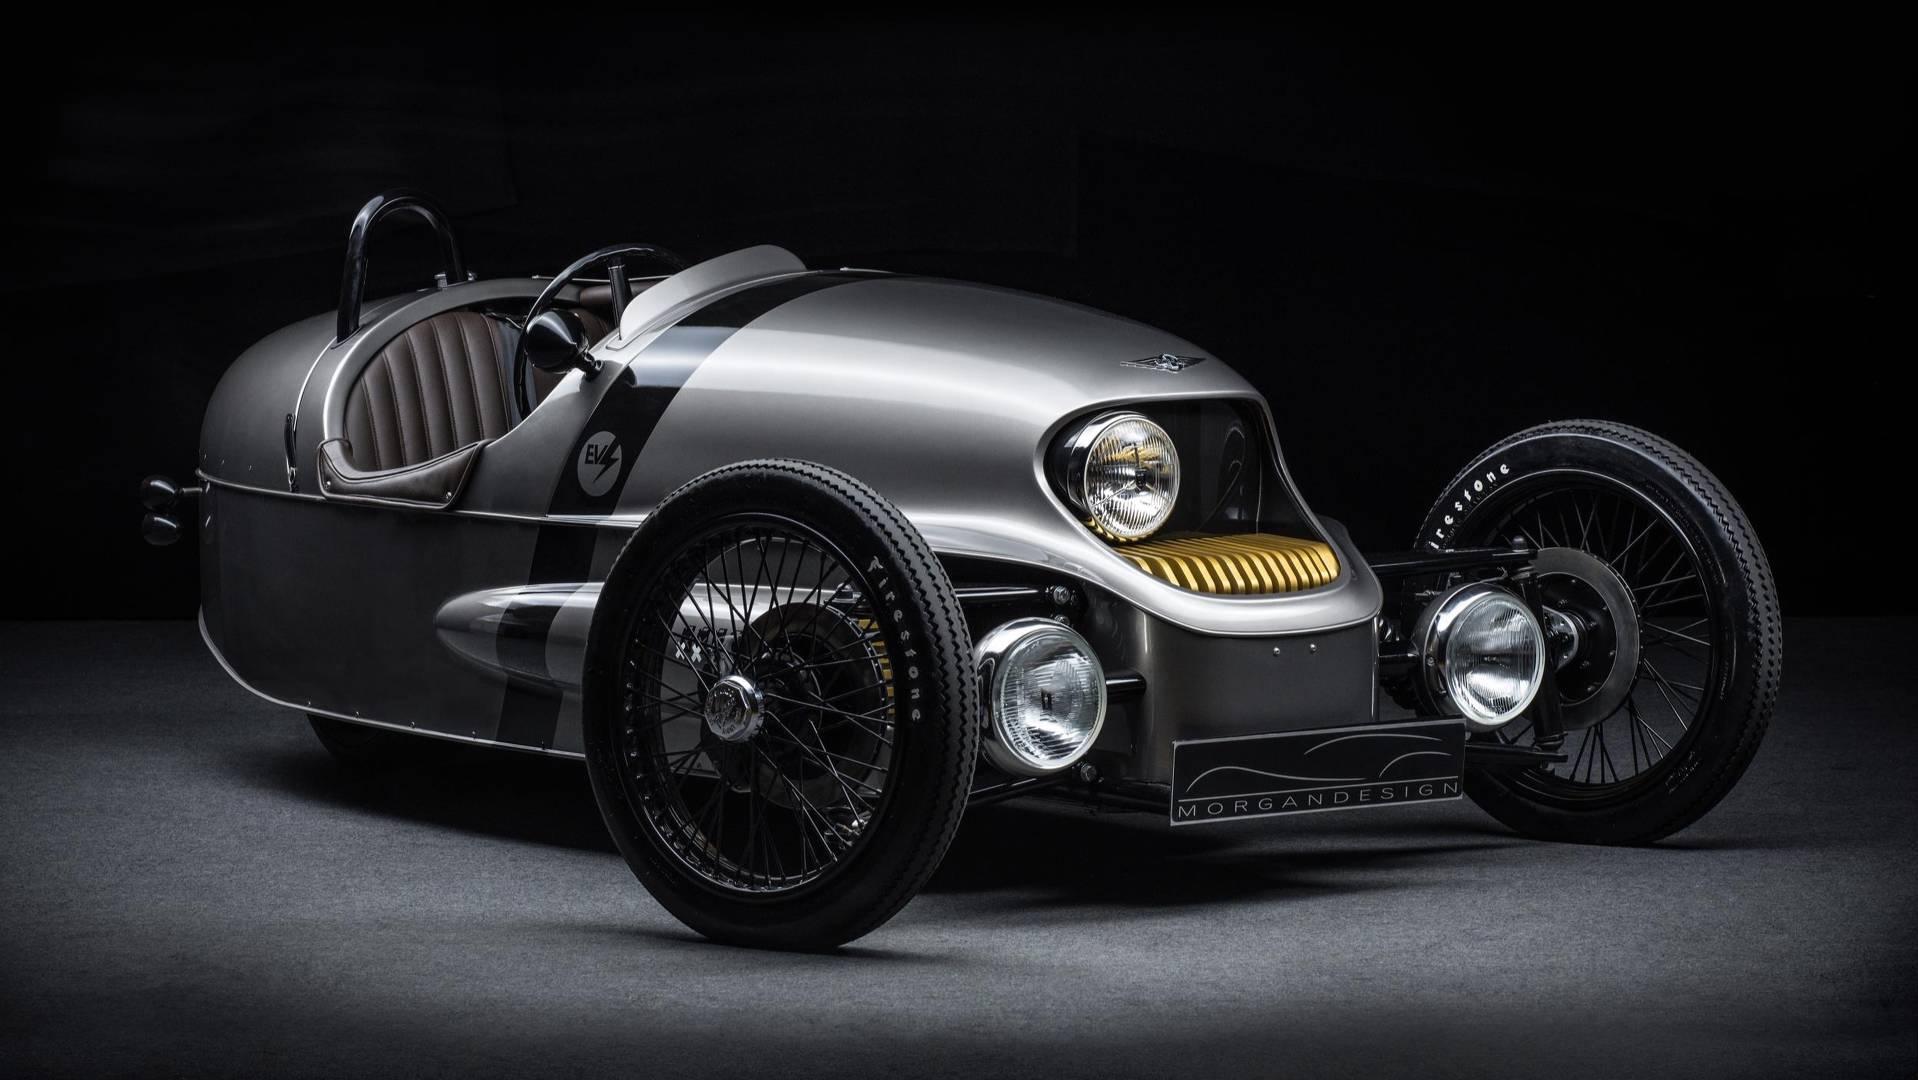 2018 morgan ev3 مورگان الکتریک ویلر ۳ سال آینده تولید خواهد شد   اجاره ماشین